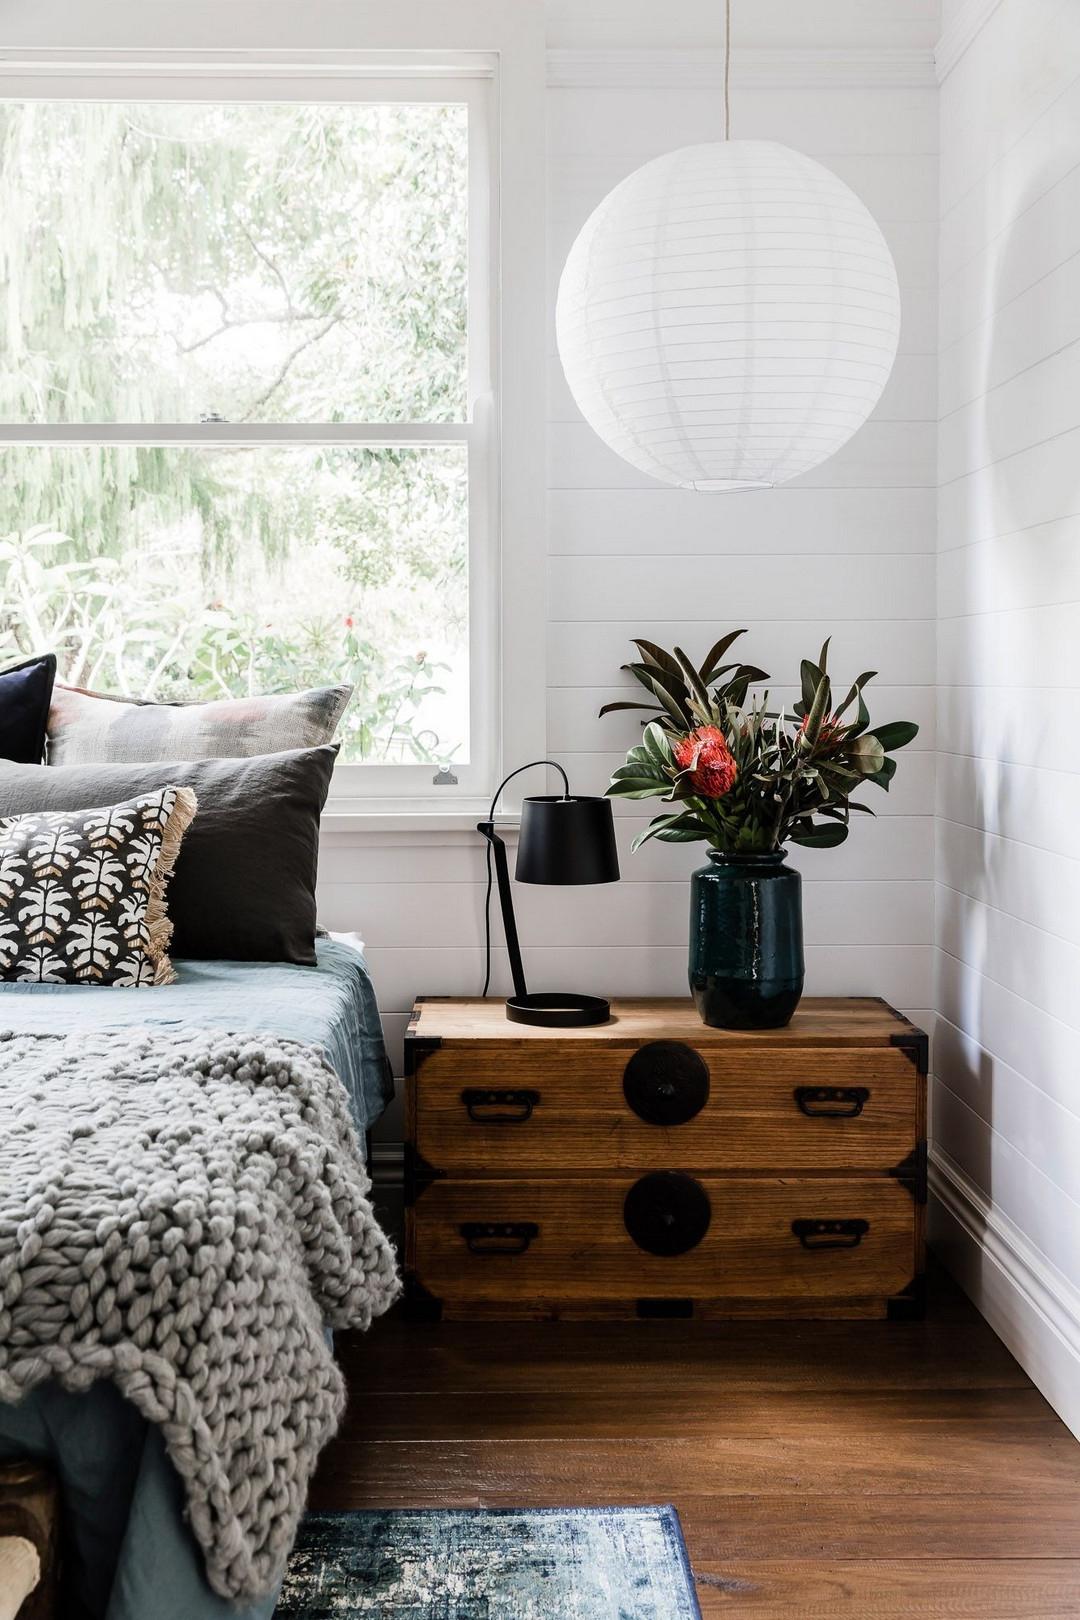 10 Minimum Interior Design To Add Unique Character To